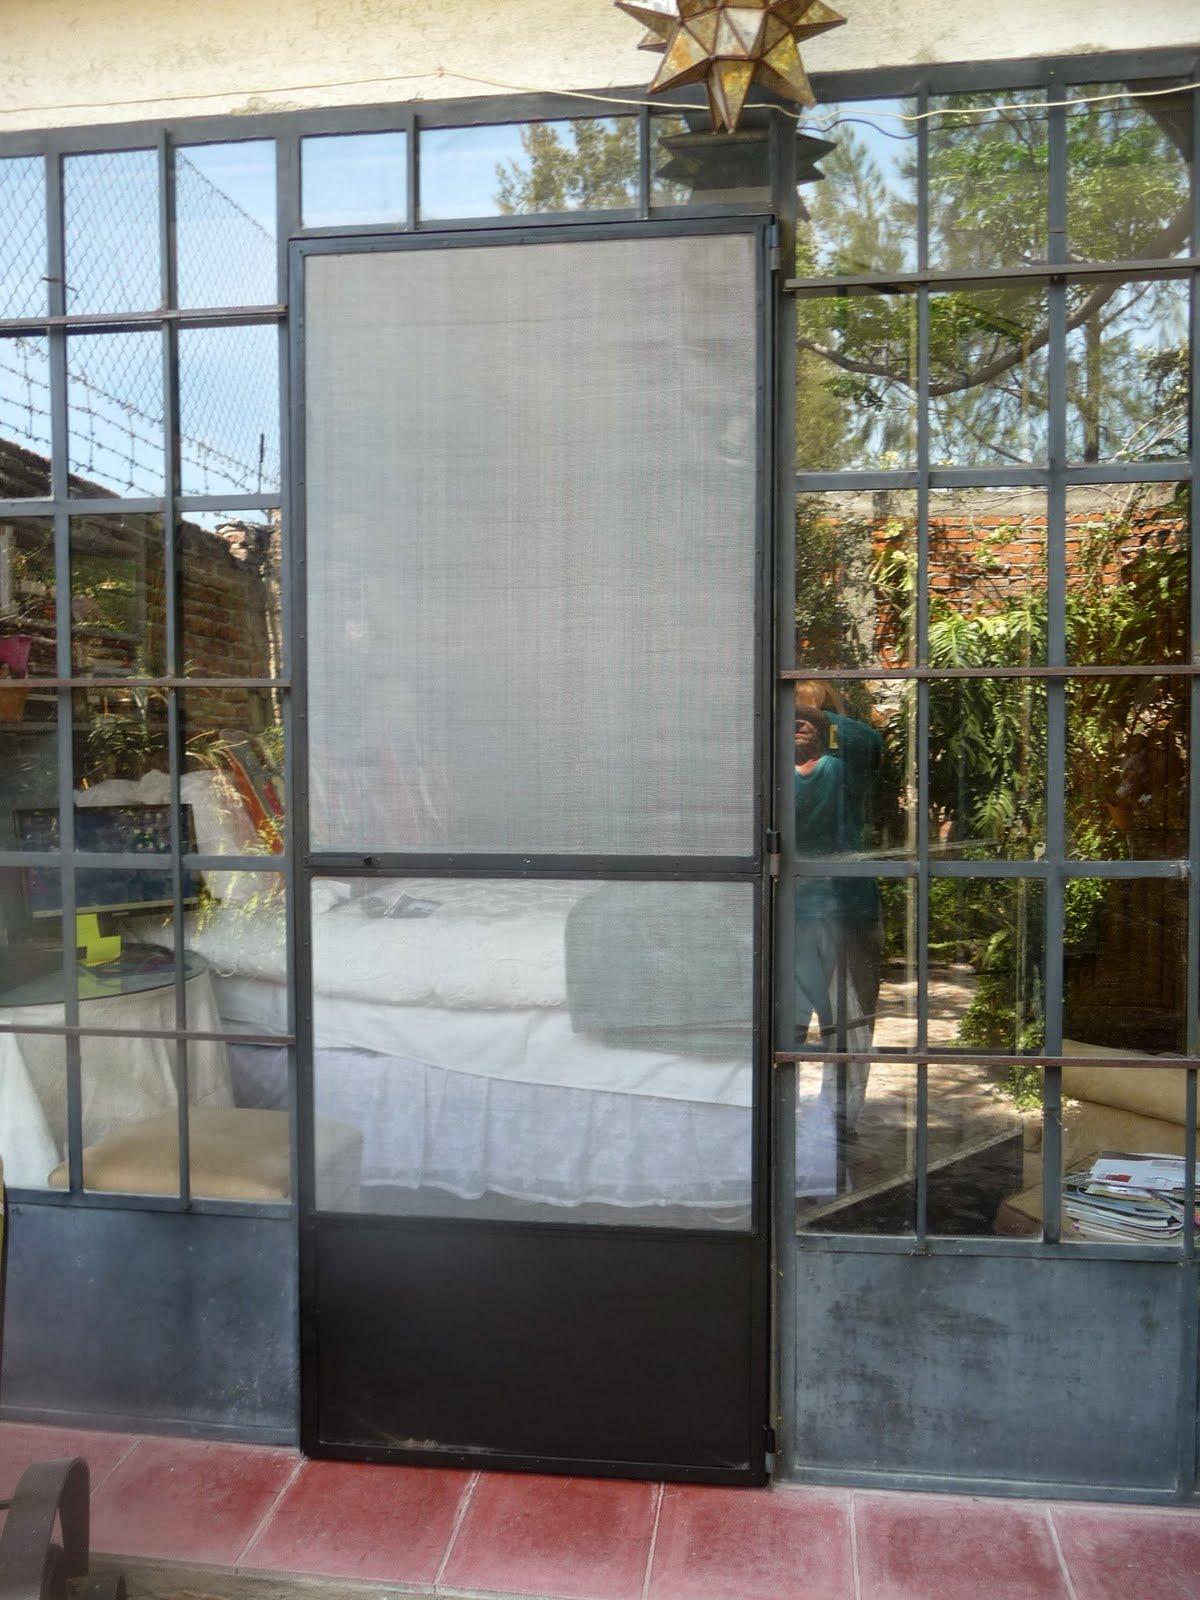 Babsblog the new screen door and velcro for New screen door